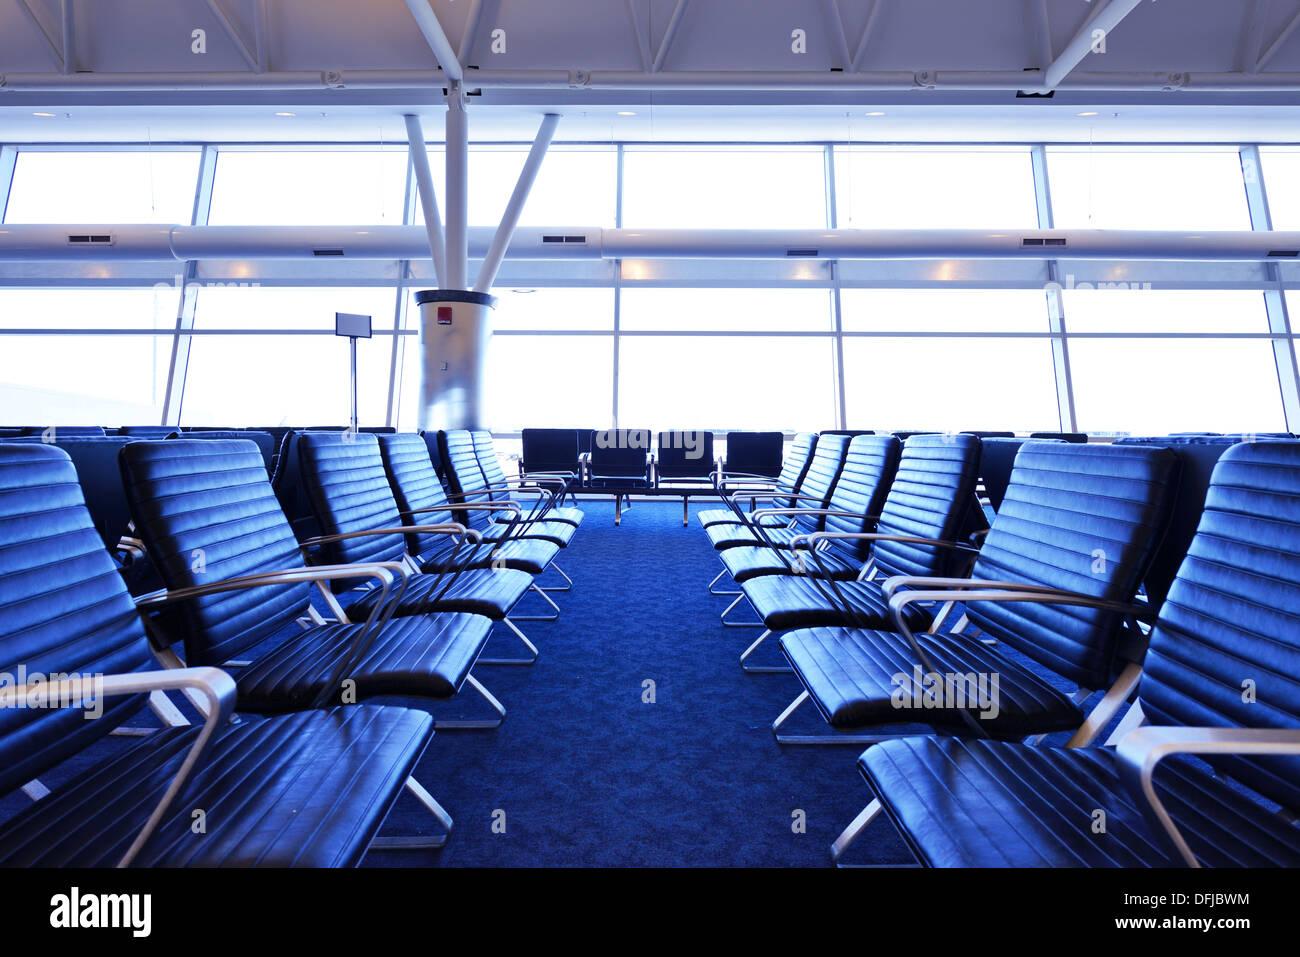 Sièges vides à un terminal de l'aéroport. Photo Stock